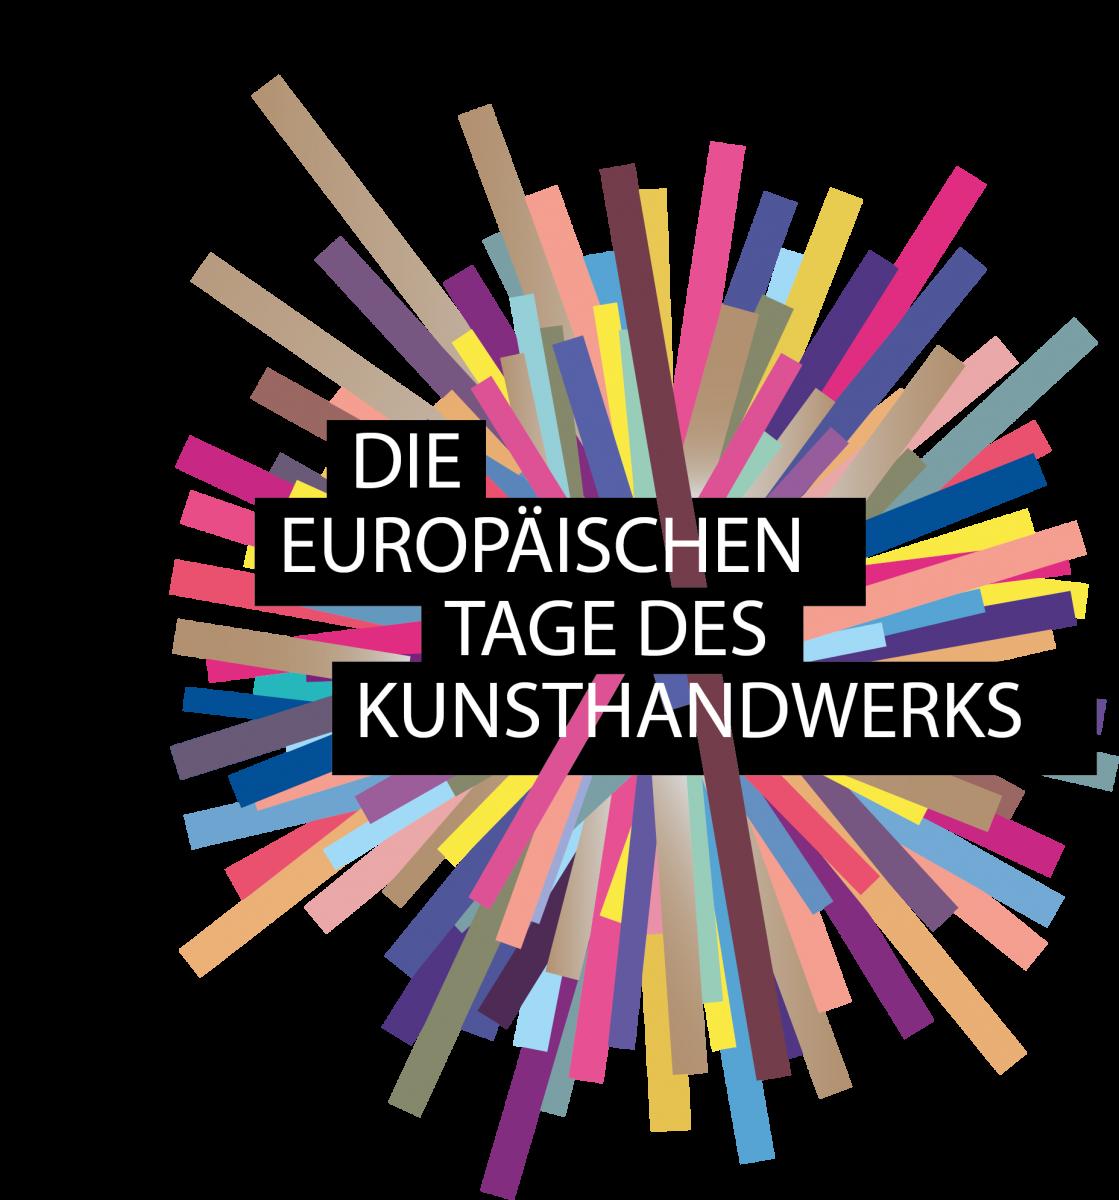 Europäischen Tage des Kunsthandwerks 2017